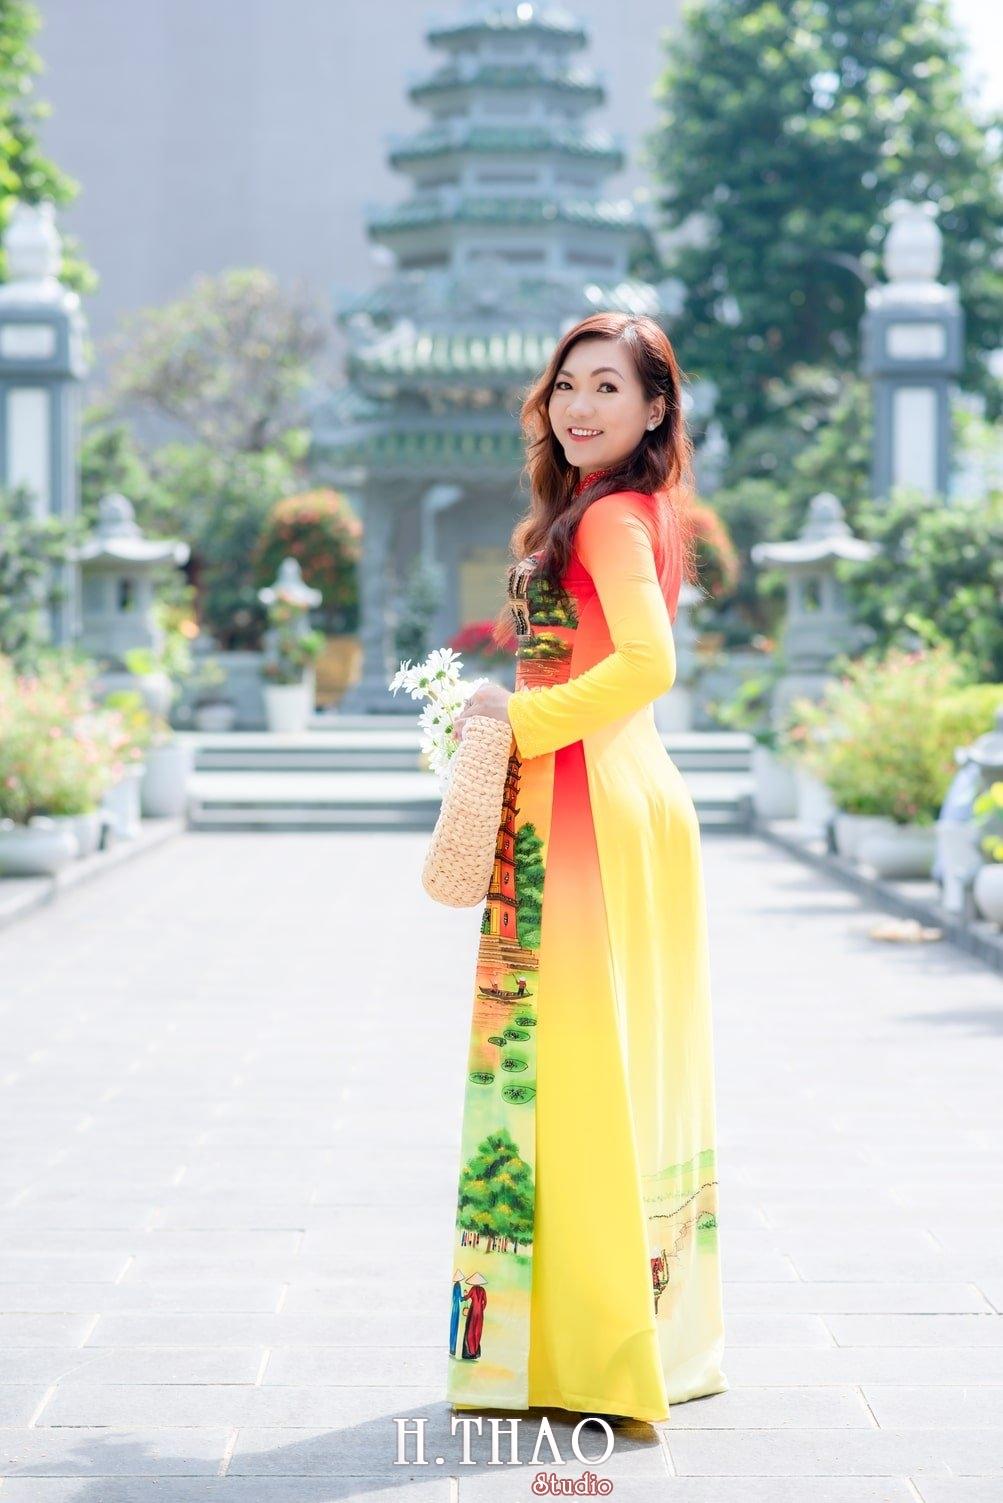 Ao dai 2 - Báo giá chụp ảnh áo dài trọn gói tại Tp.HCM - HThao Studio